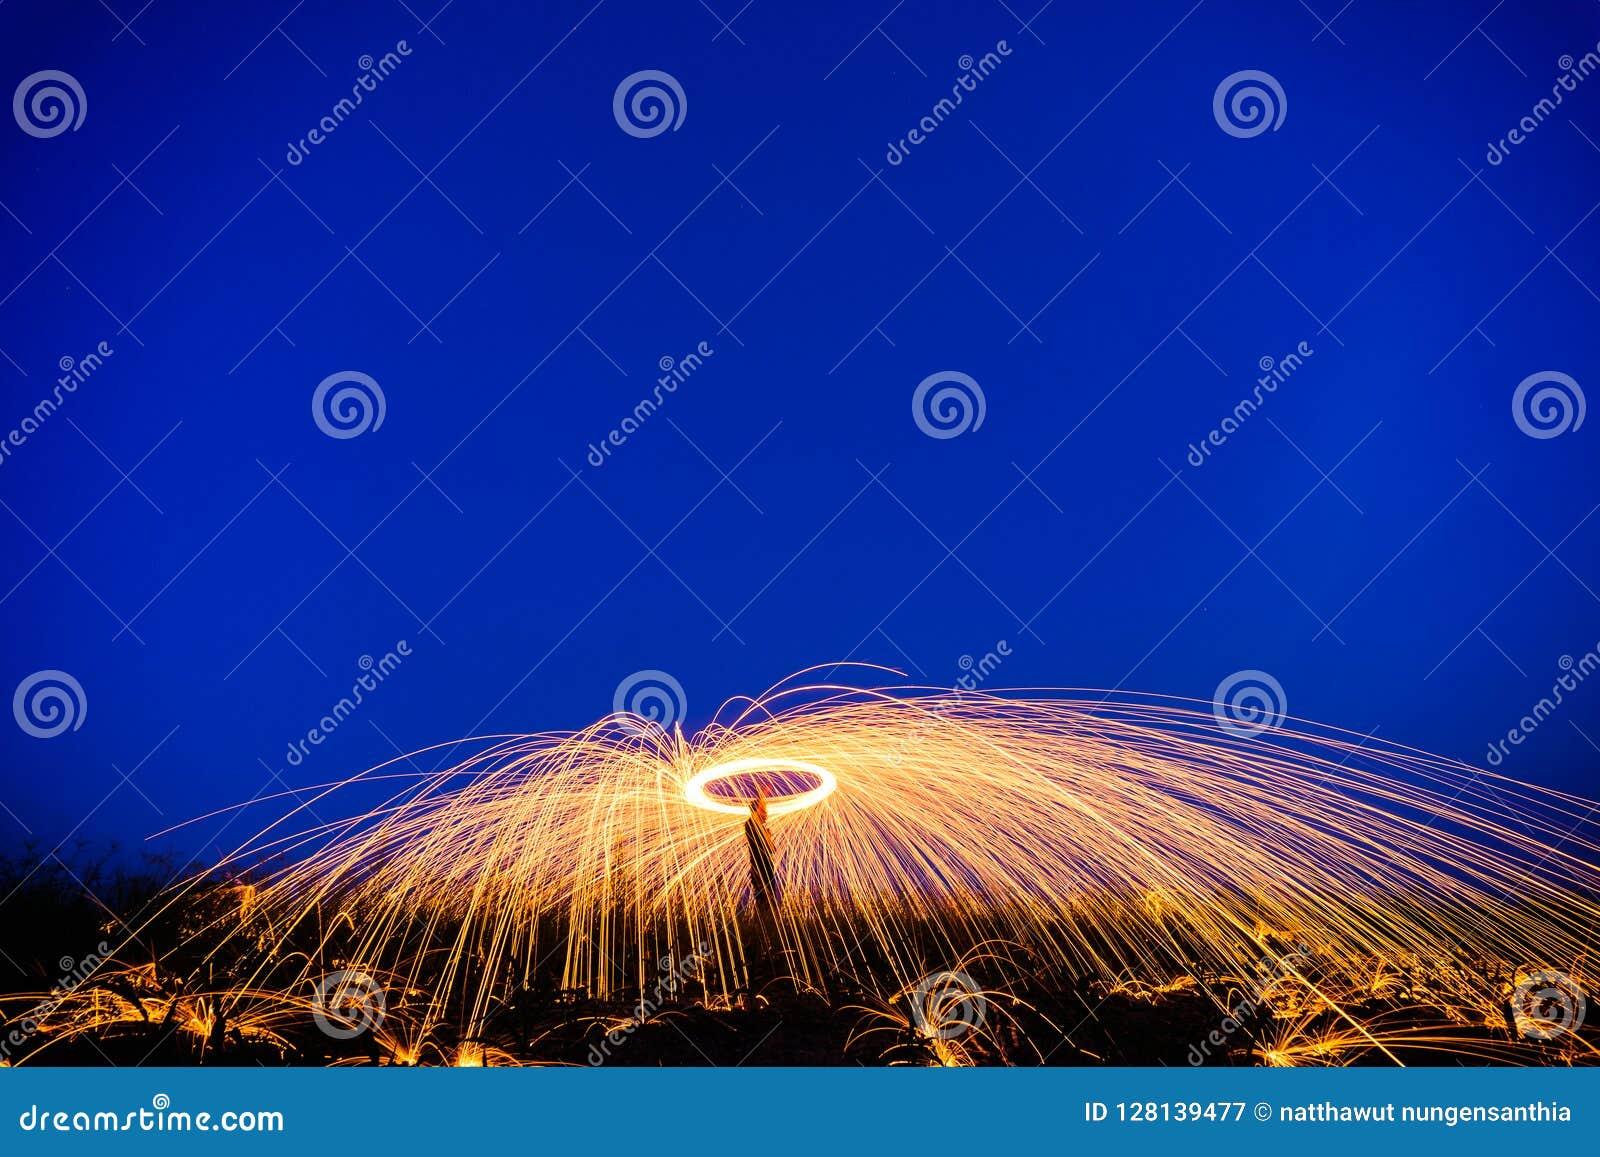 Fantastisk brandshow på natten på festival- eller brölloppartiet Brand da